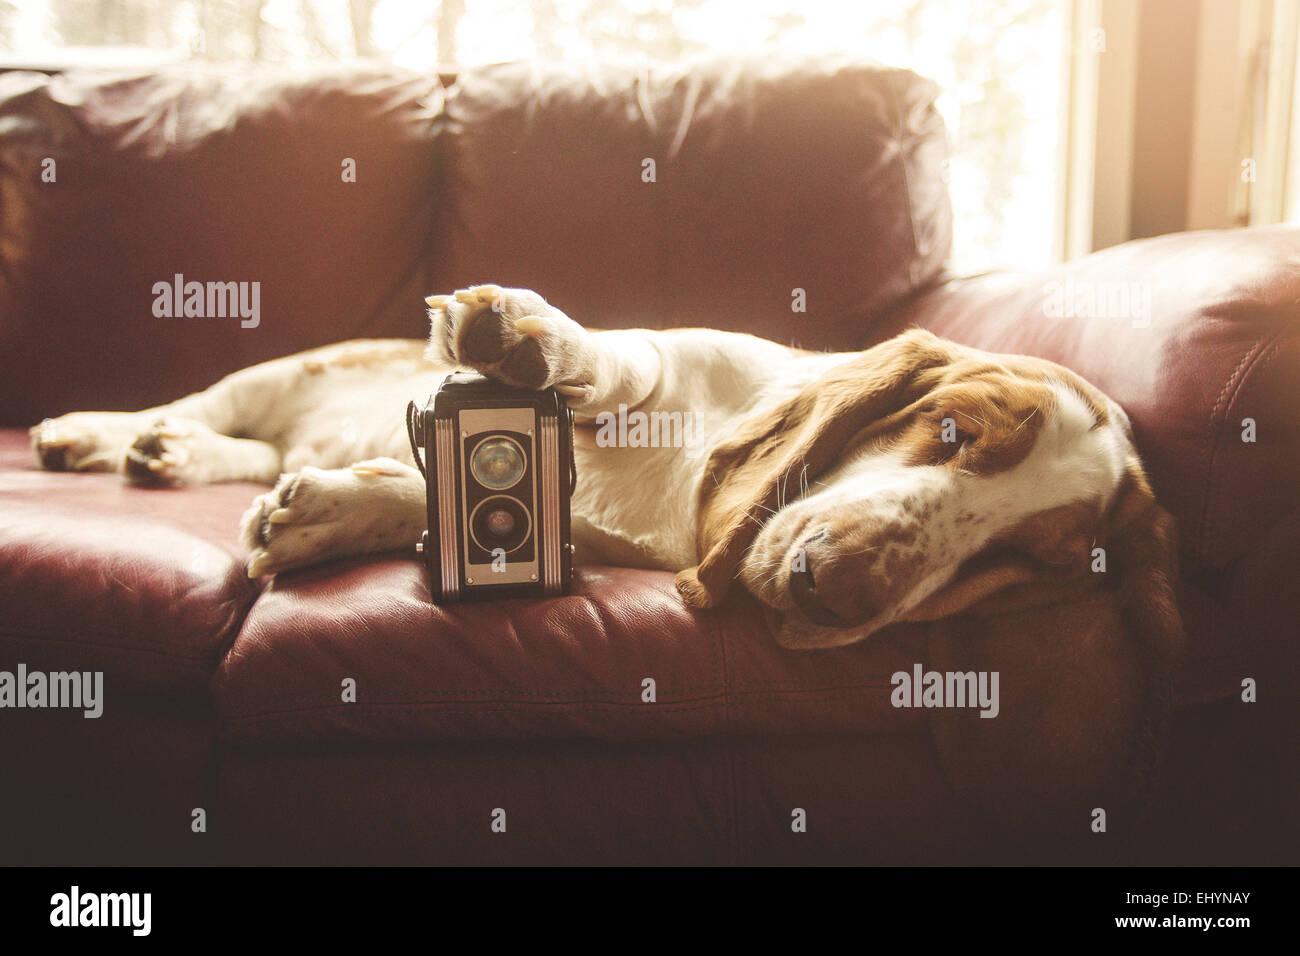 Chien couché sur le canapé avec un appareil photo vintage Photo Stock